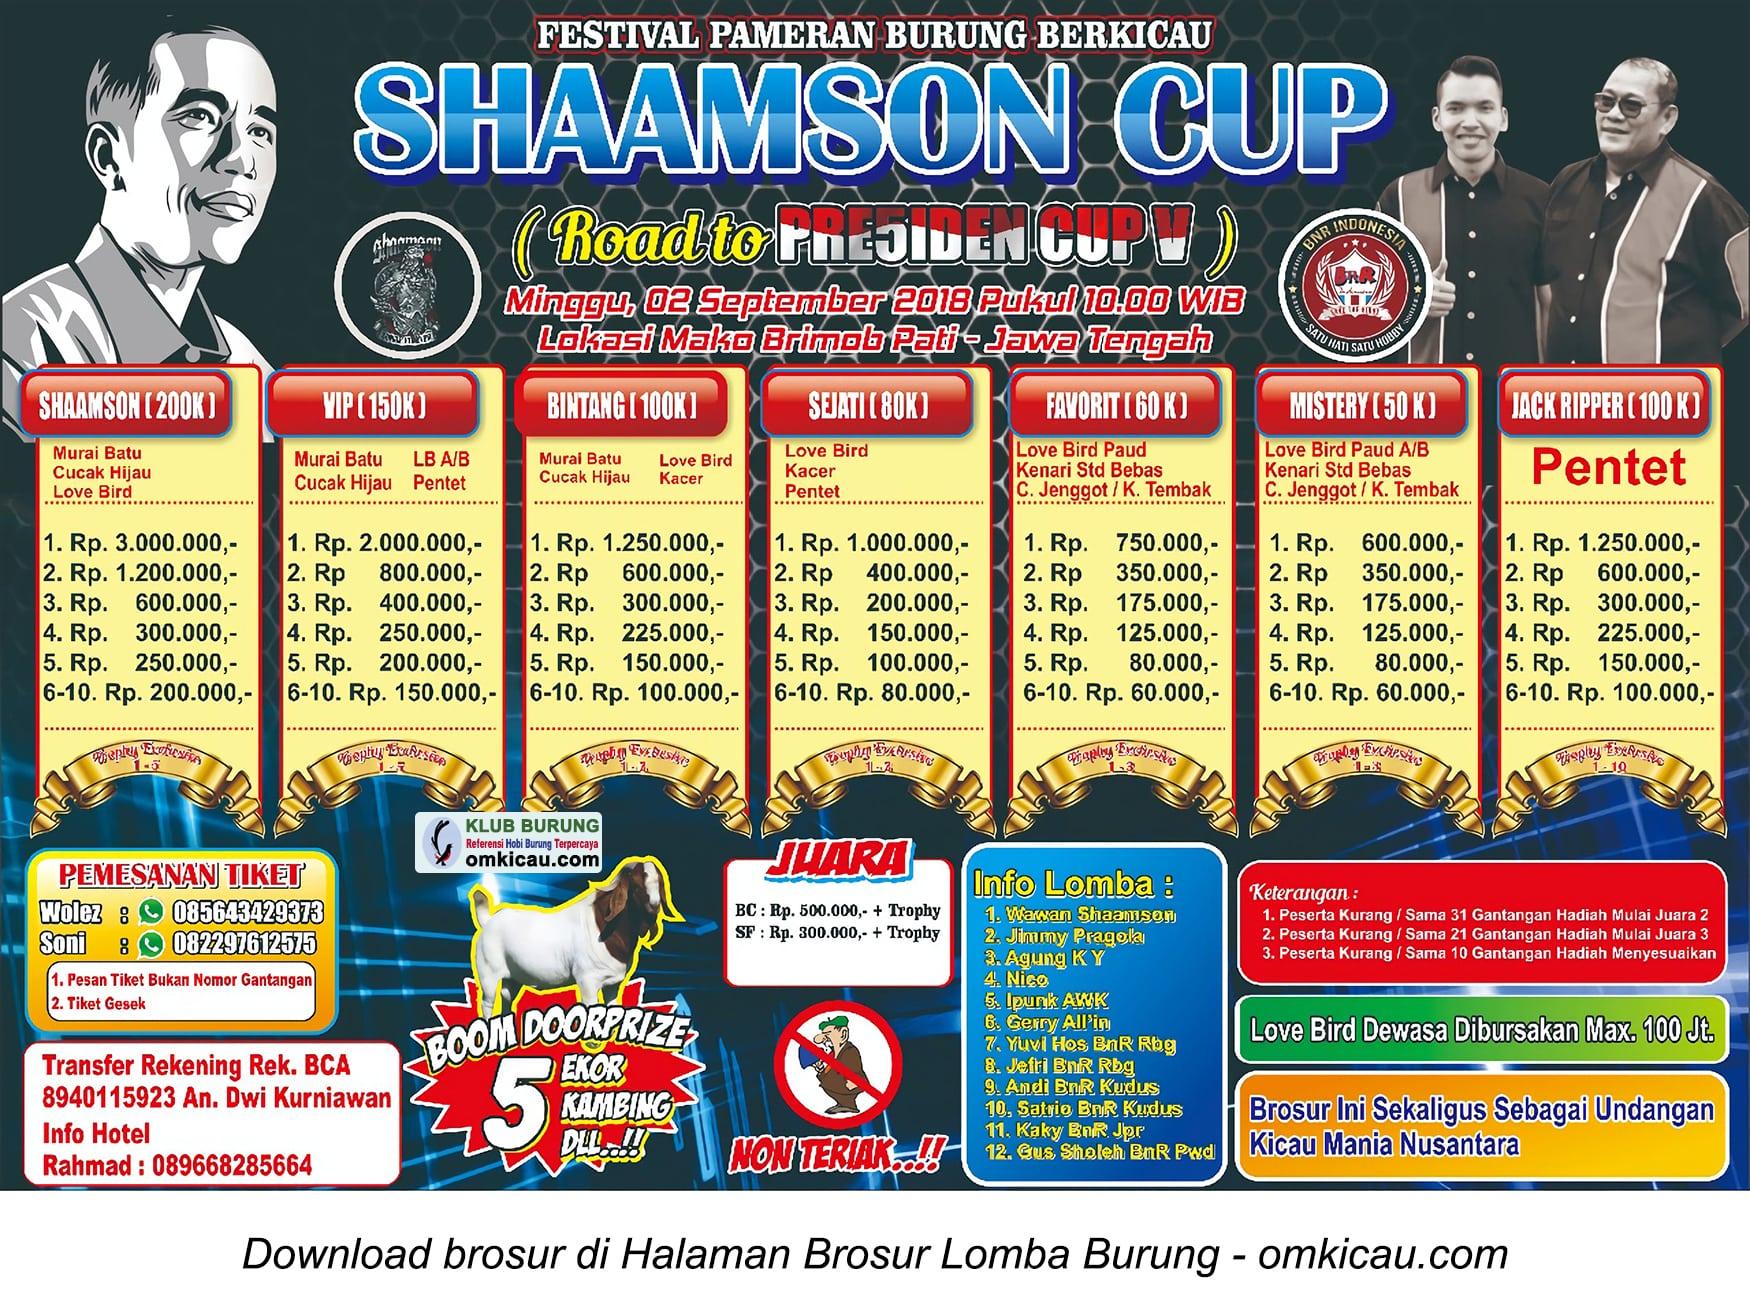 Shaamson Cup